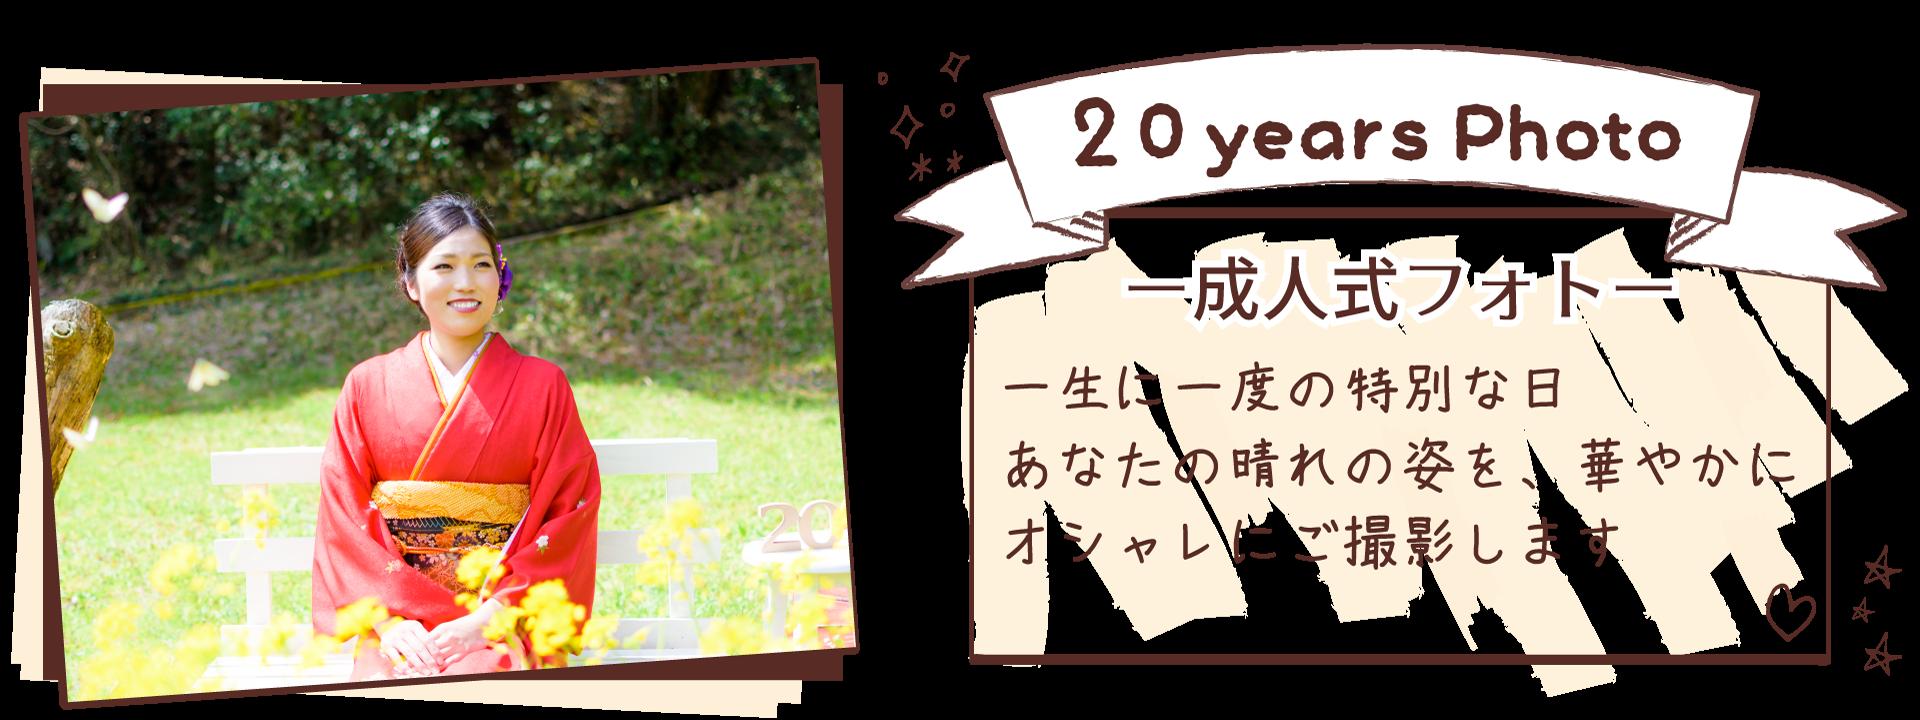 メニューバナー大(成人式)